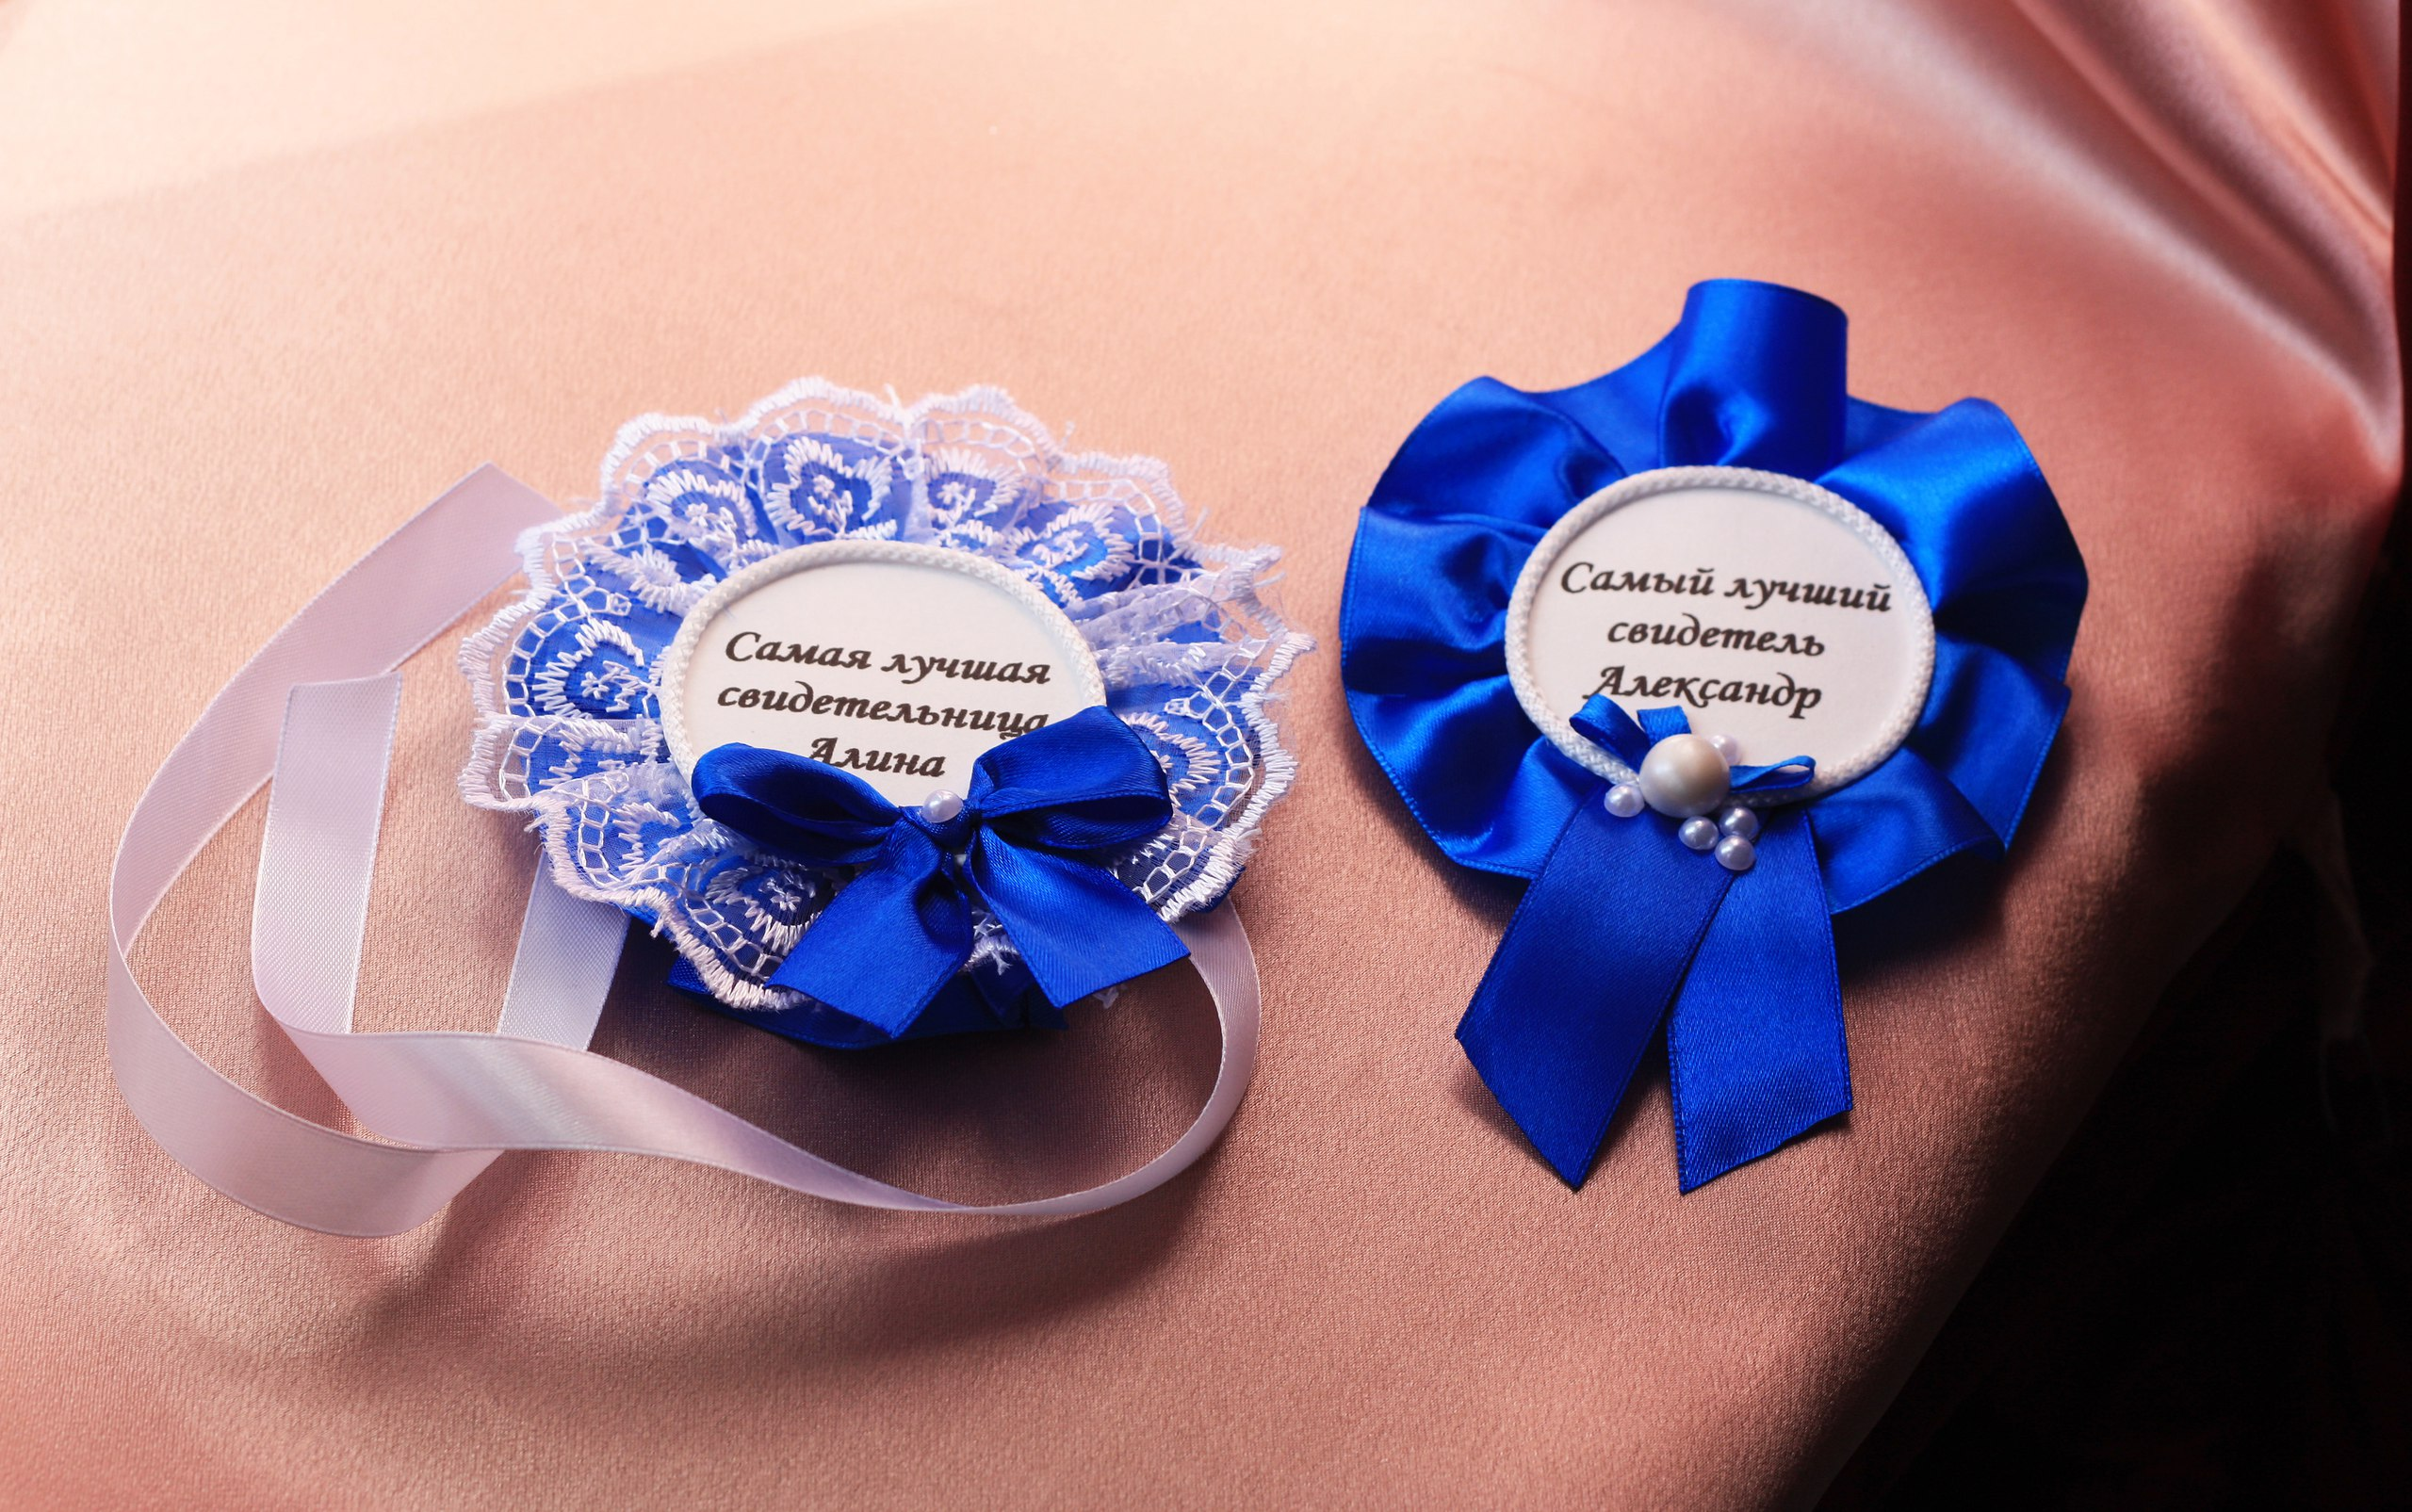 Значки для свидетелей на свадьбу своими руками - мастер